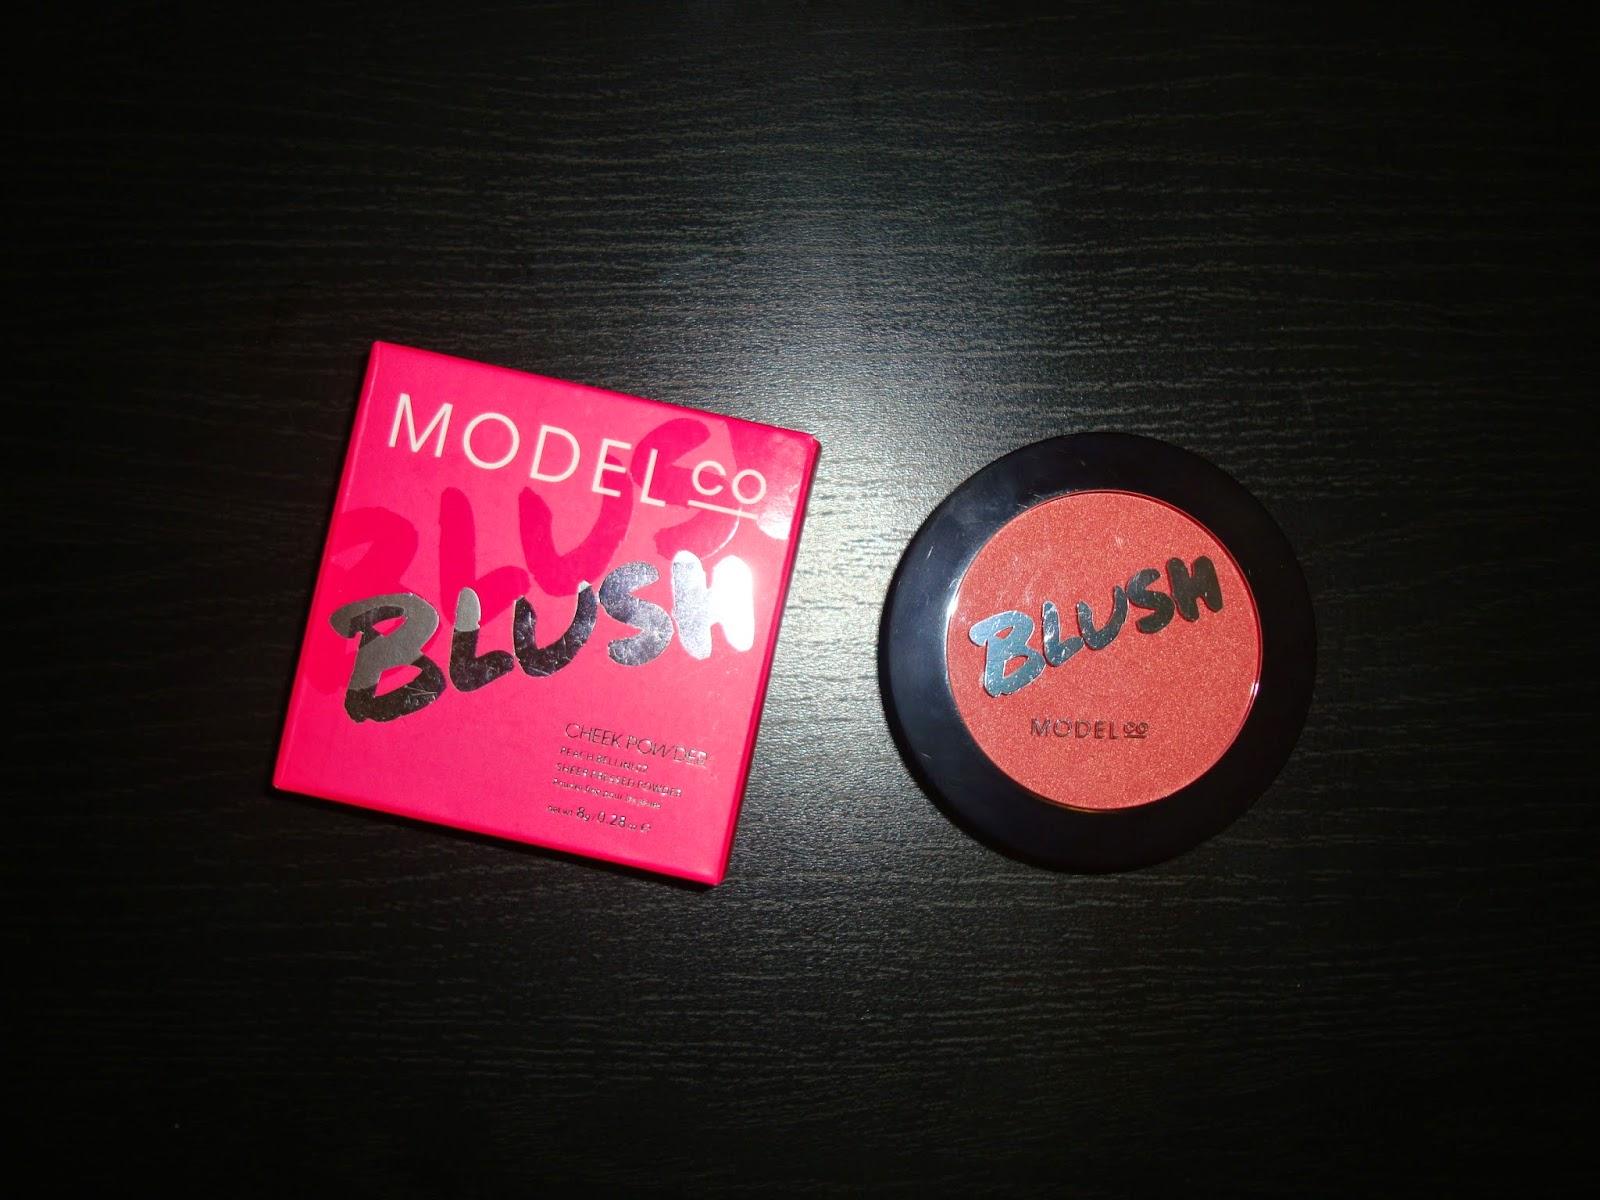 Blush Cheek Powder by Model Co #19